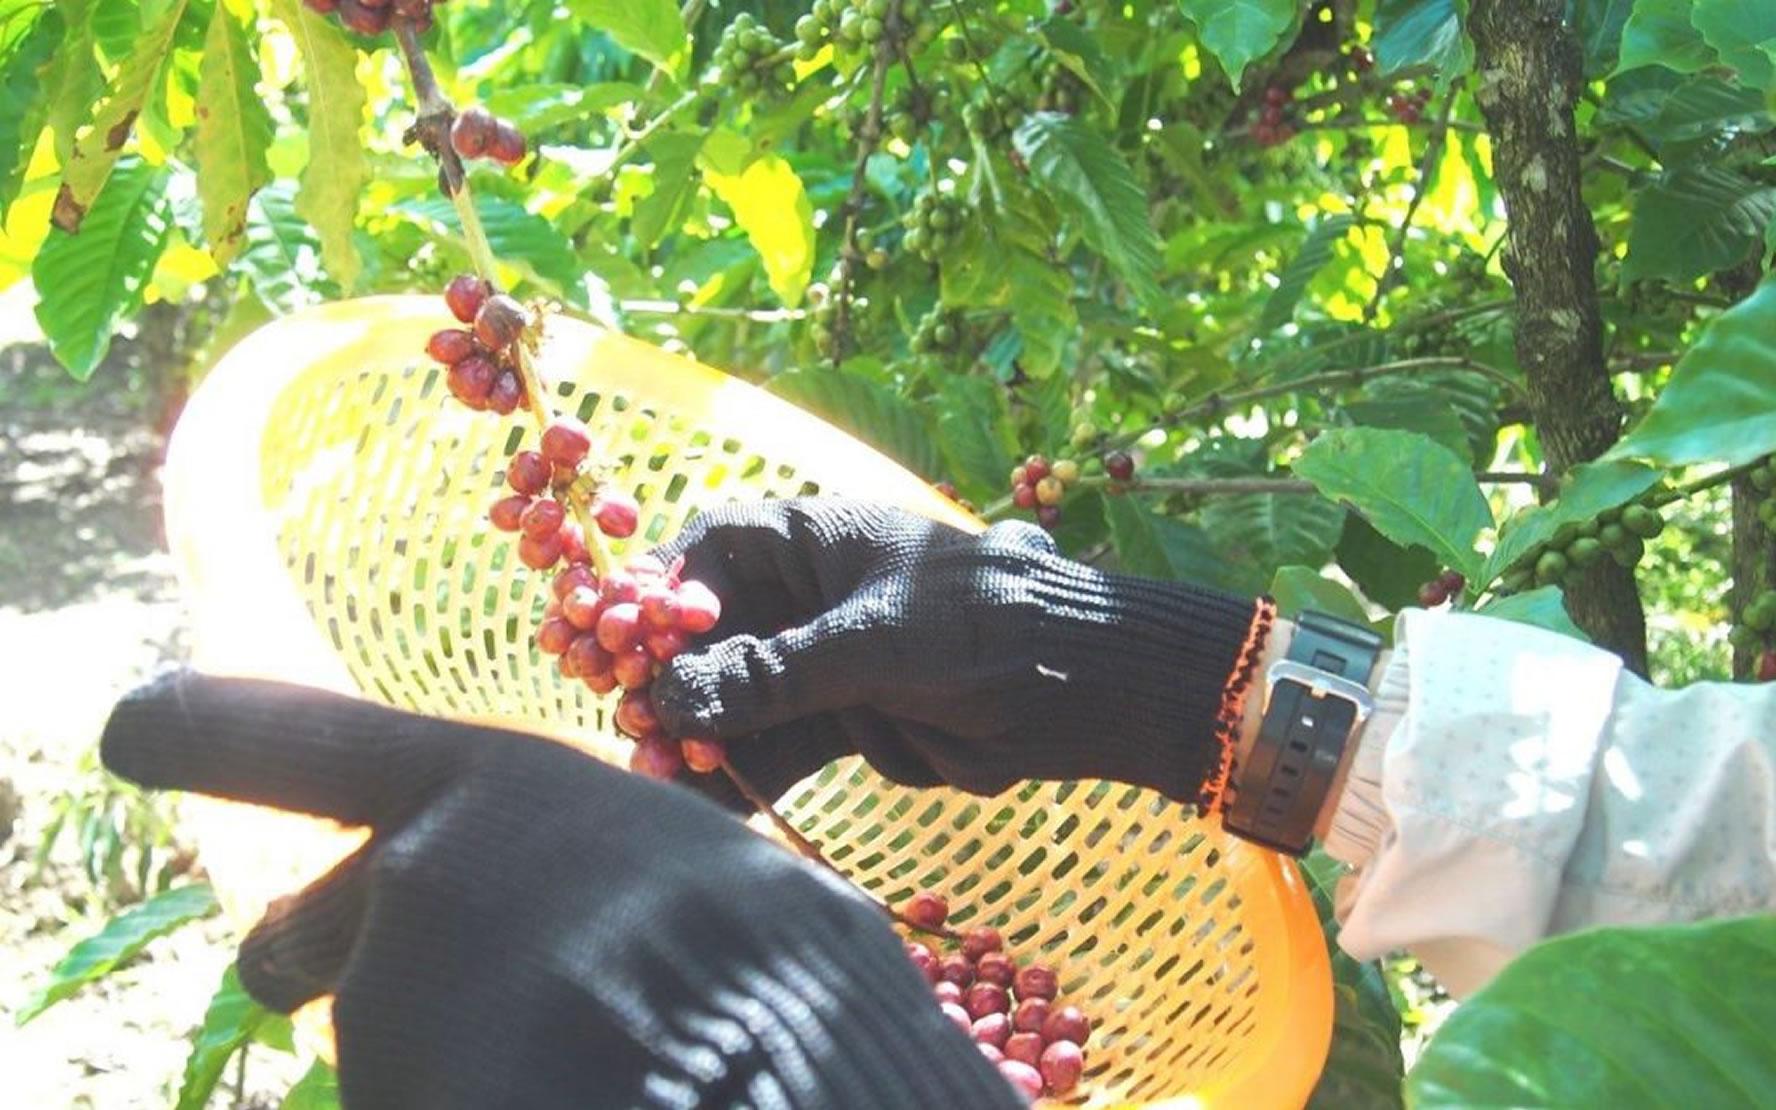 ベトナムのコーヒー農園と日本のチャレンジド、たくさんの思いがつながるBIG SMILE COFFEEのストーリー【前編】